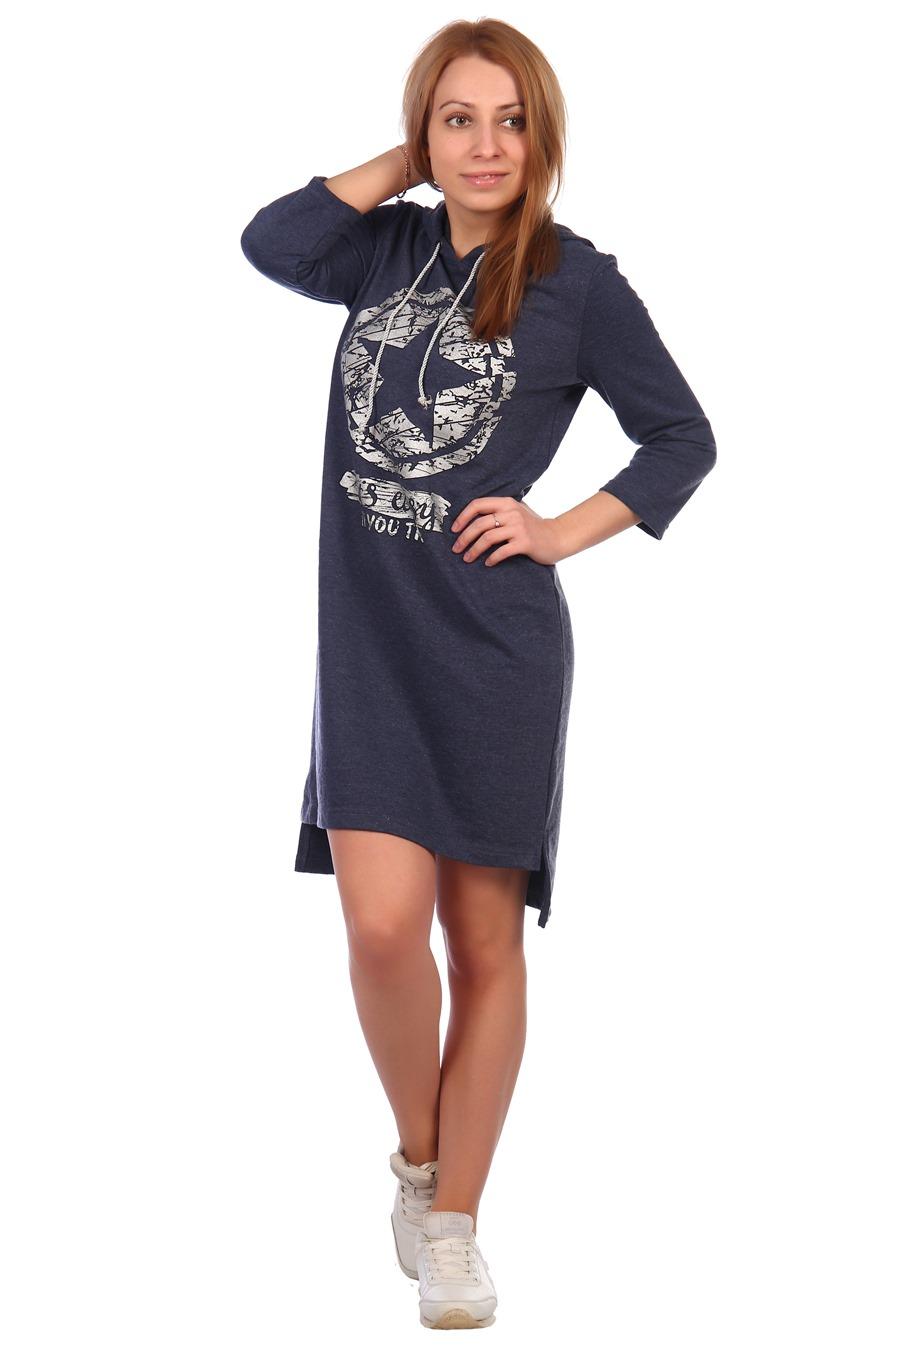 Жен. платье арт. 16-0395 темно-синий р.